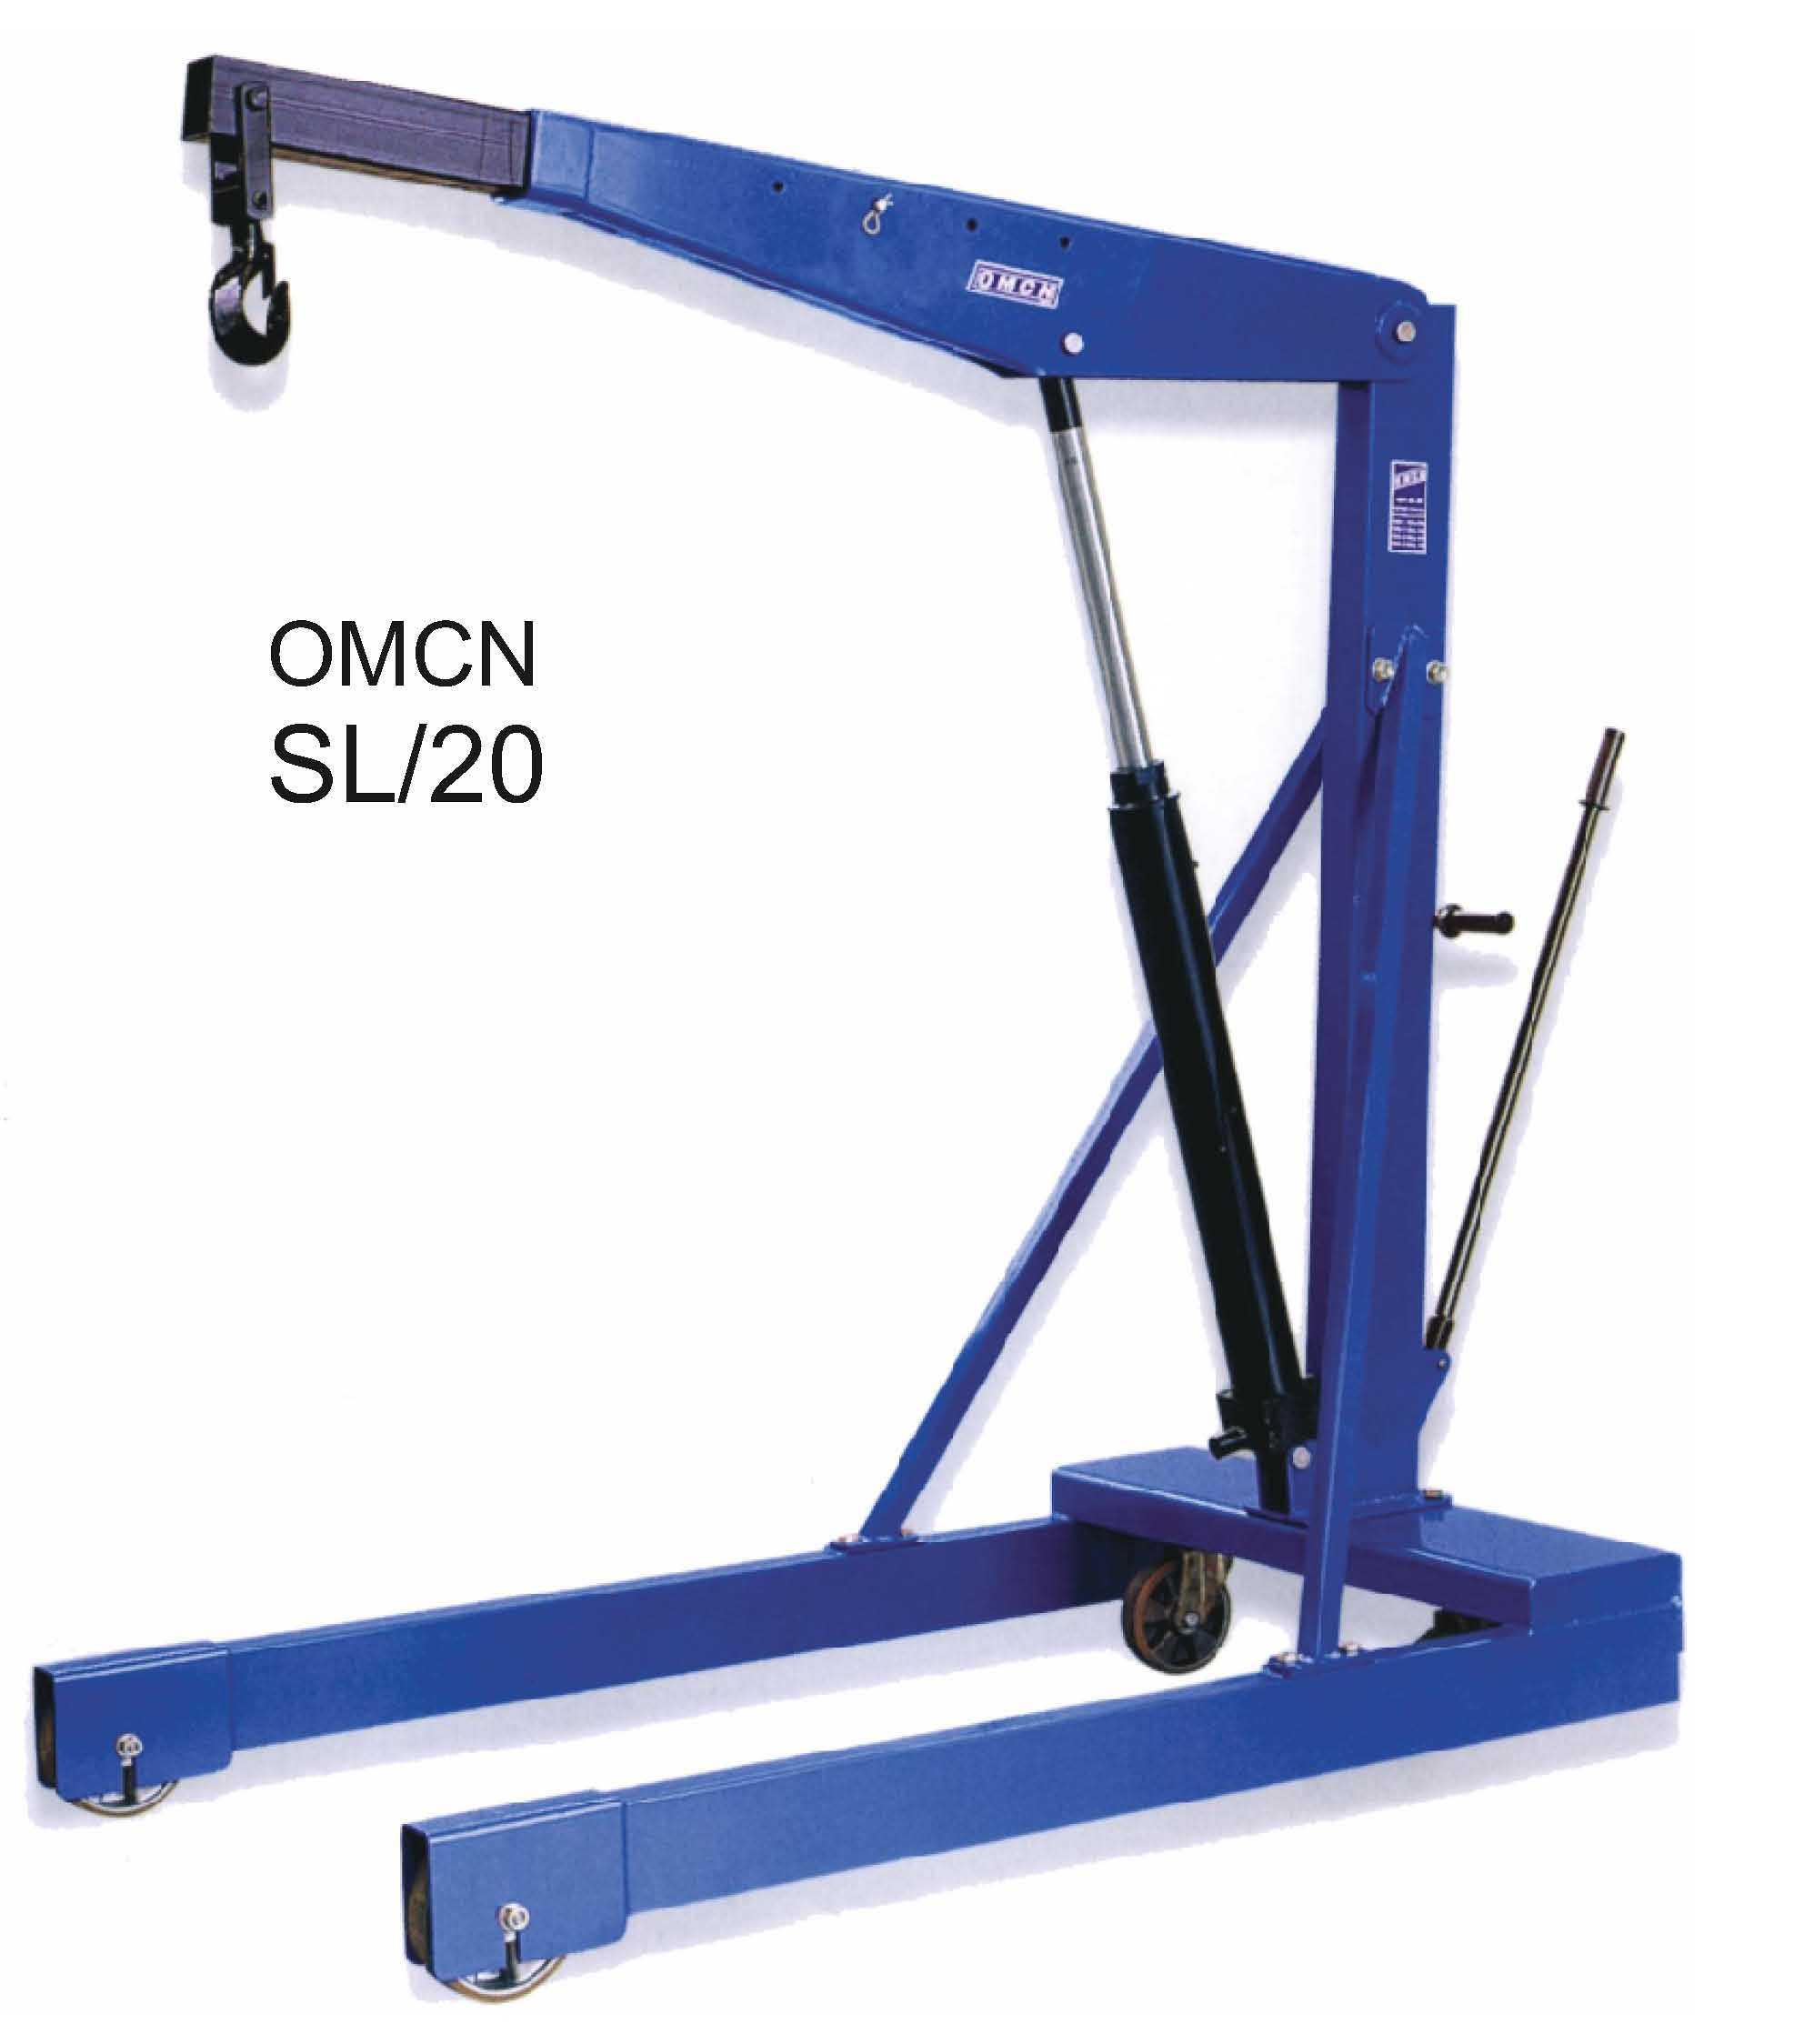 OMCN SL/20